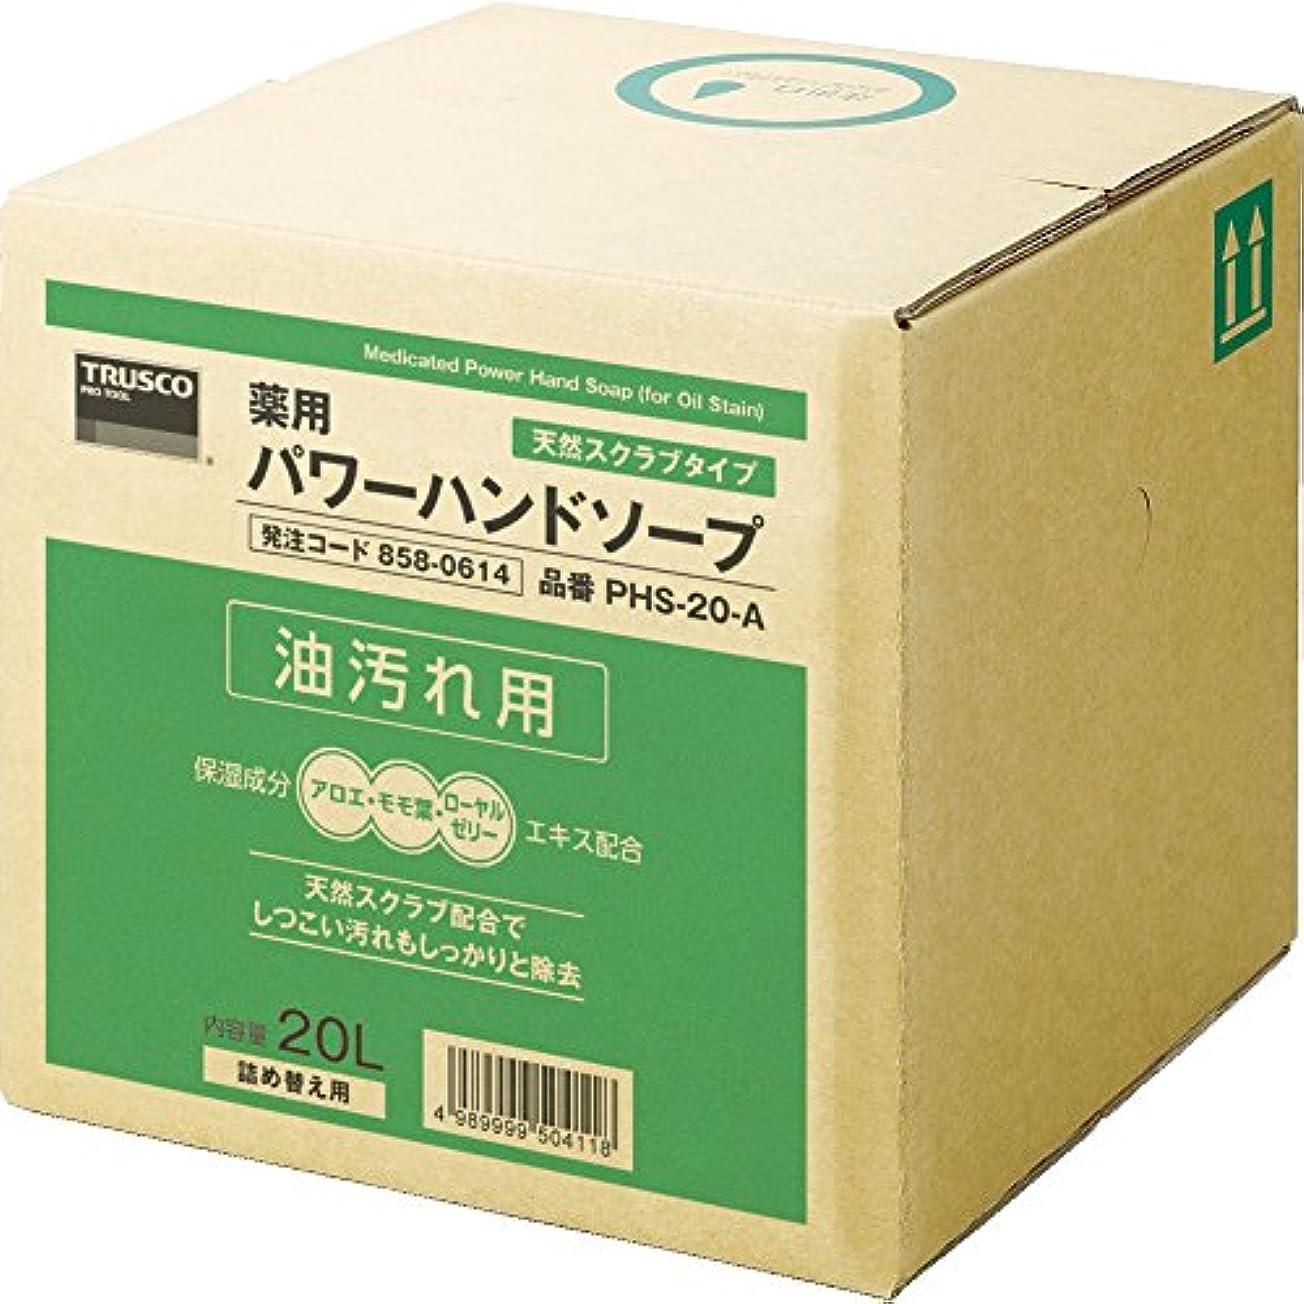 クランプハチ自慢TRUSCO(トラスコ) 薬用パワーハンドソープ 20L PHS-20-A